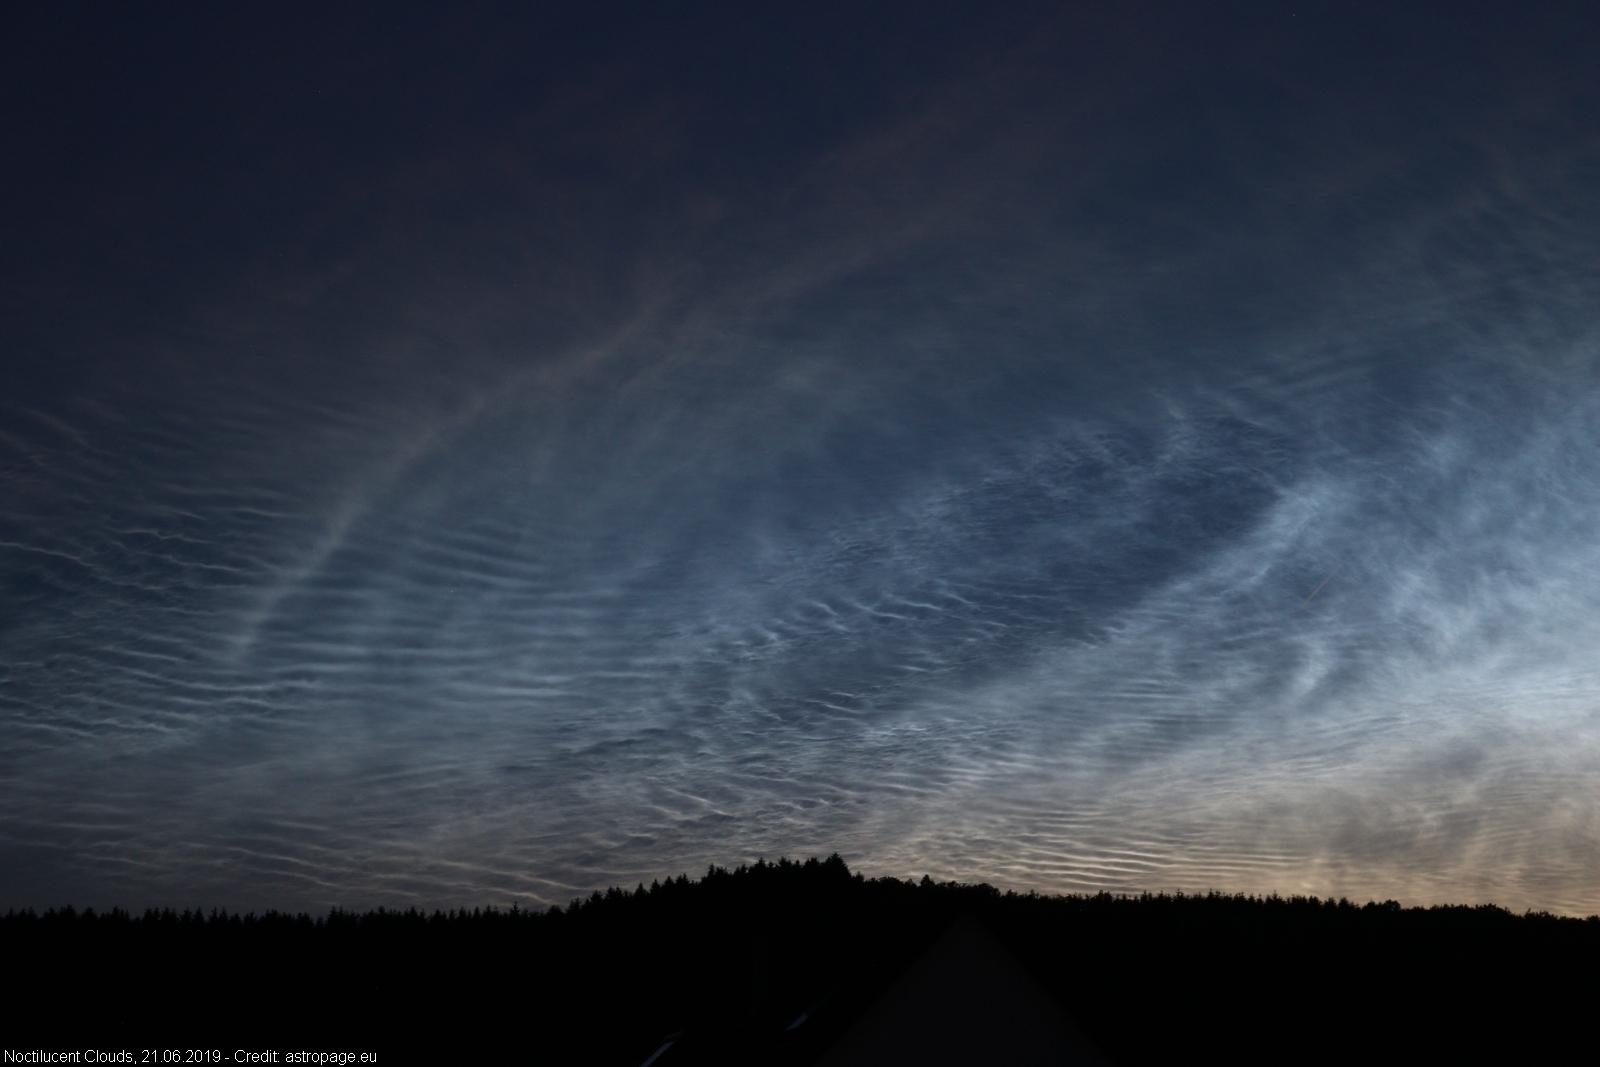 leuchtendenachtwolken21062019_12_lab